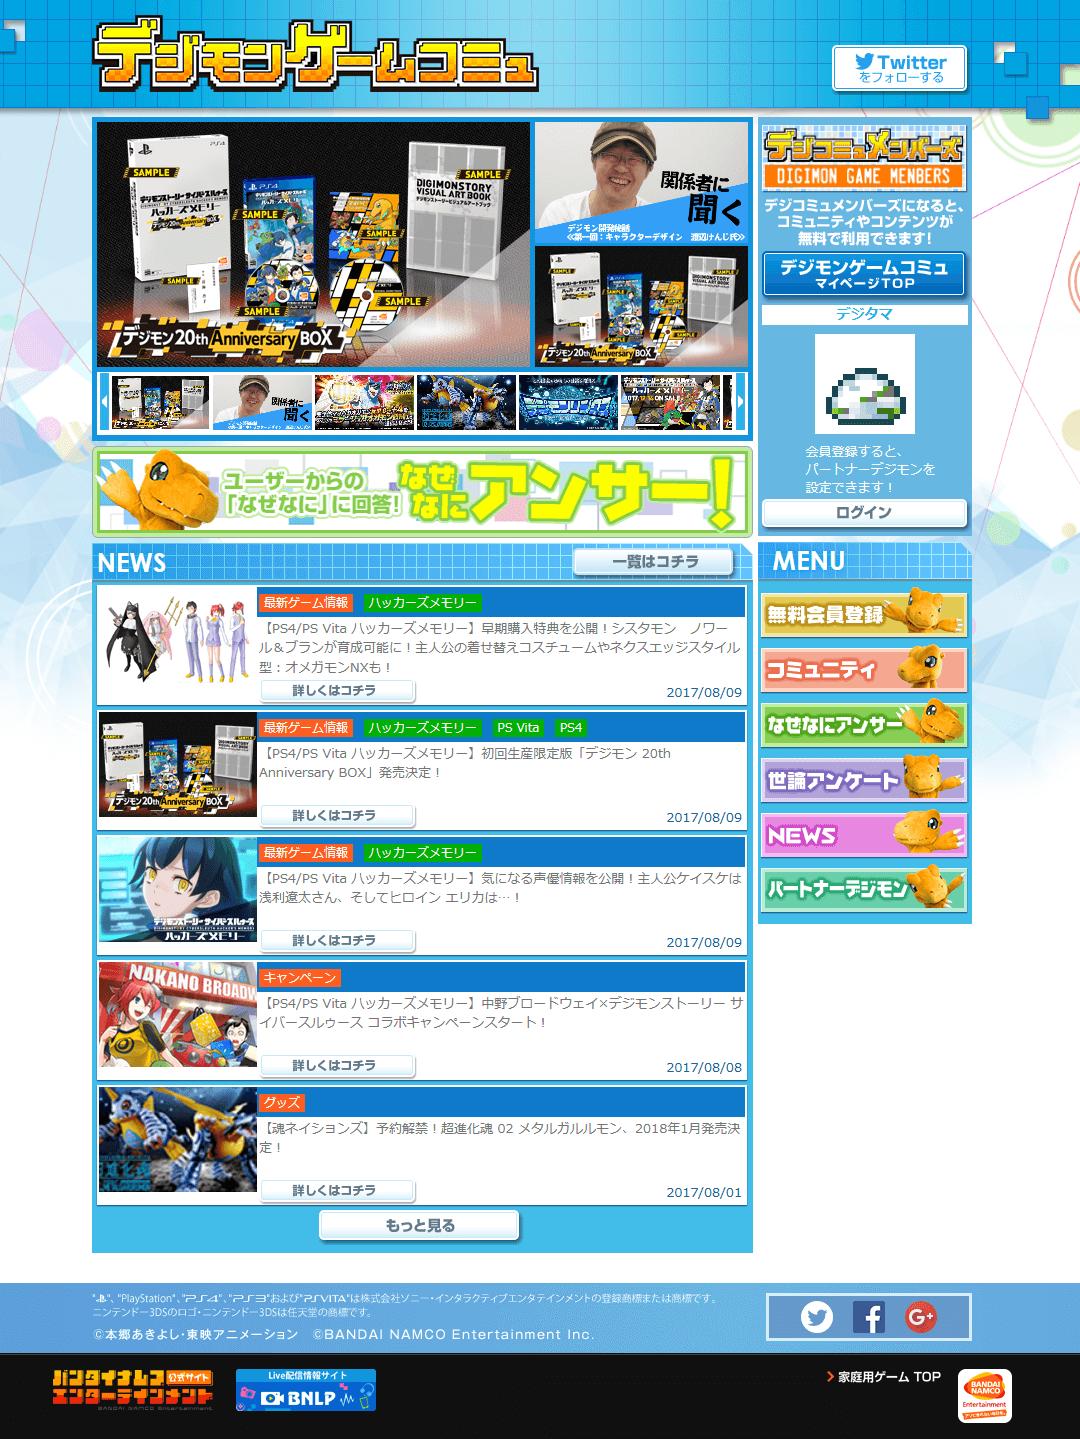 El sitio web de la comunidad de Juegos de Digimon abre!